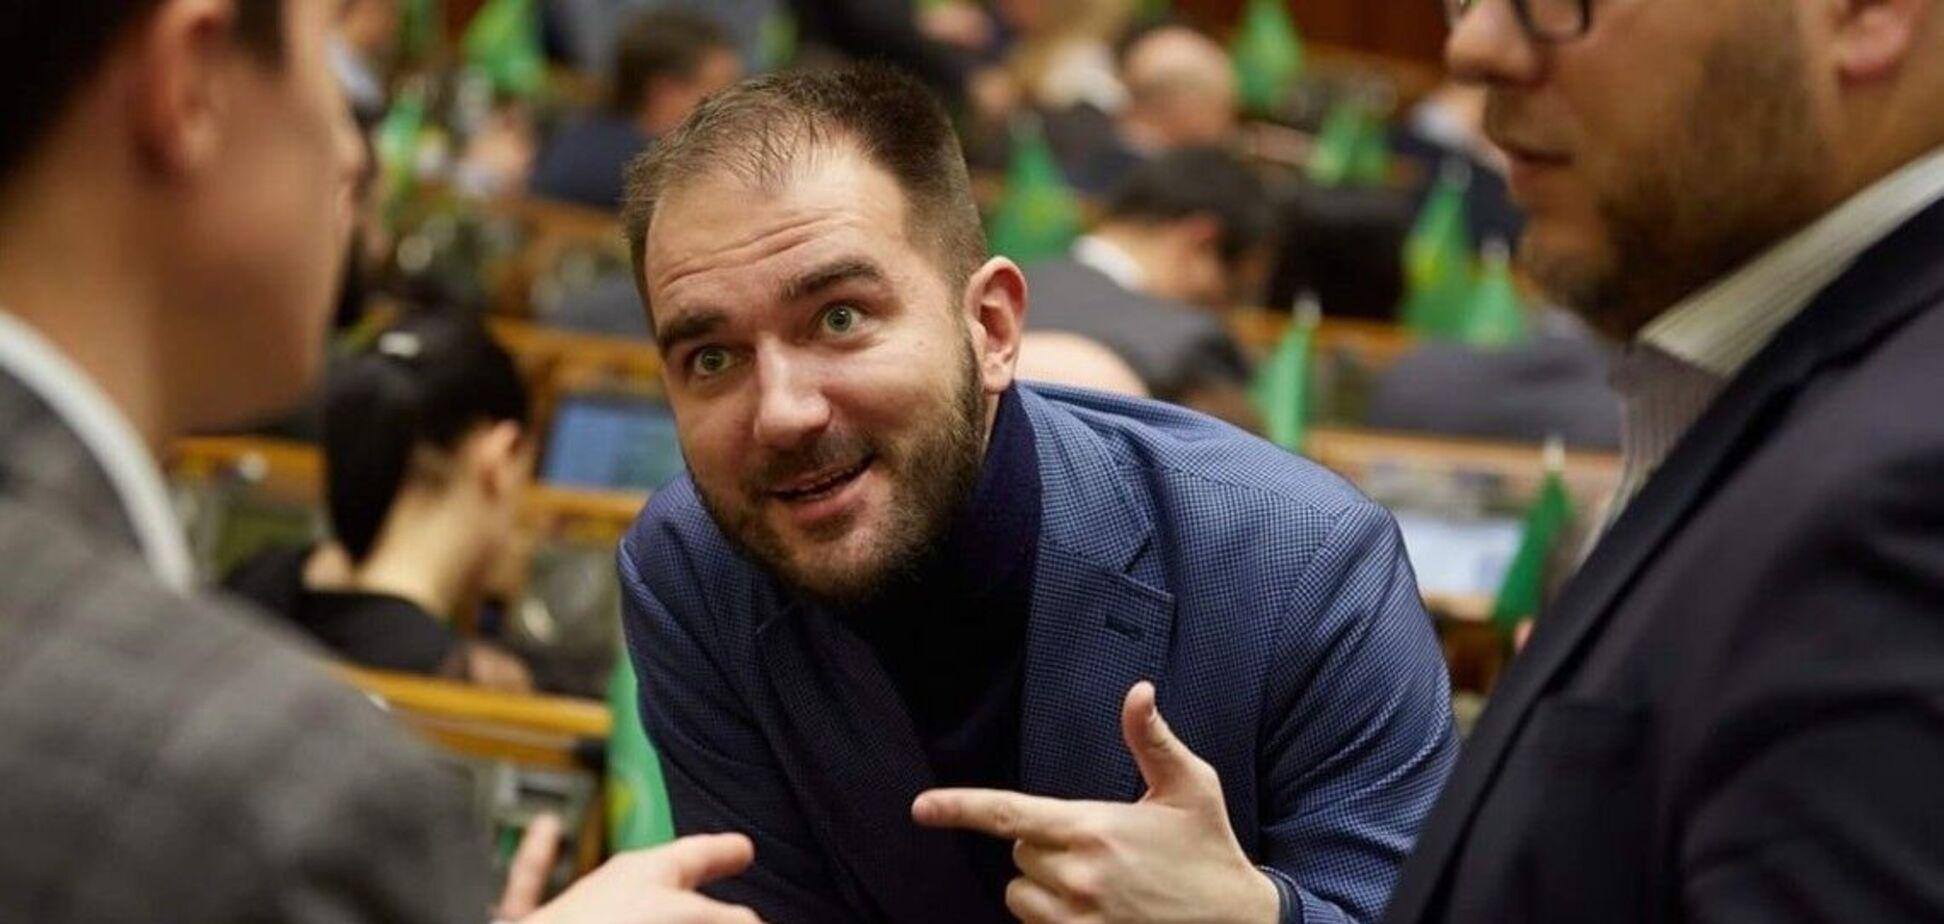 Юрченко написав заяву про вихід з фракції, але не передав її